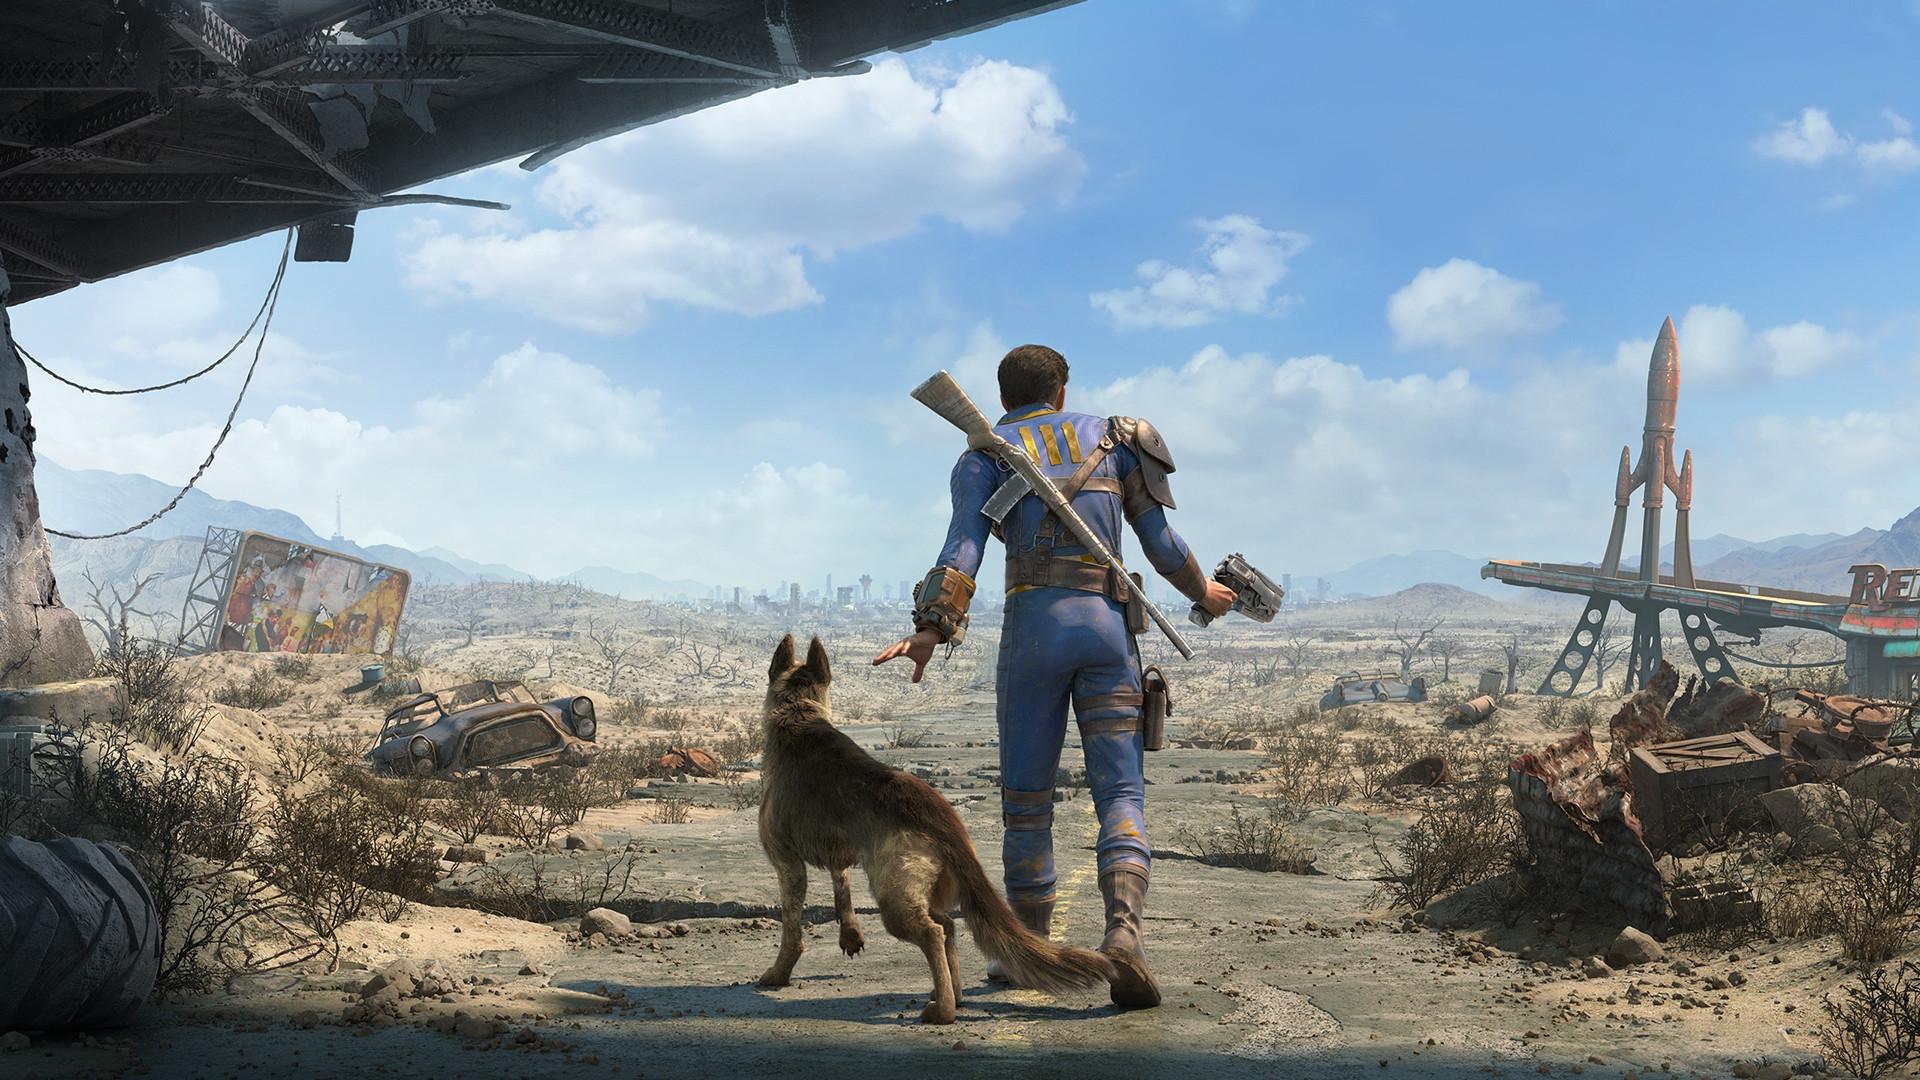 Fallout 4 DLC Wallpaper (DESKTOP BACKGROUNDS)   Best Wallpapers HQ